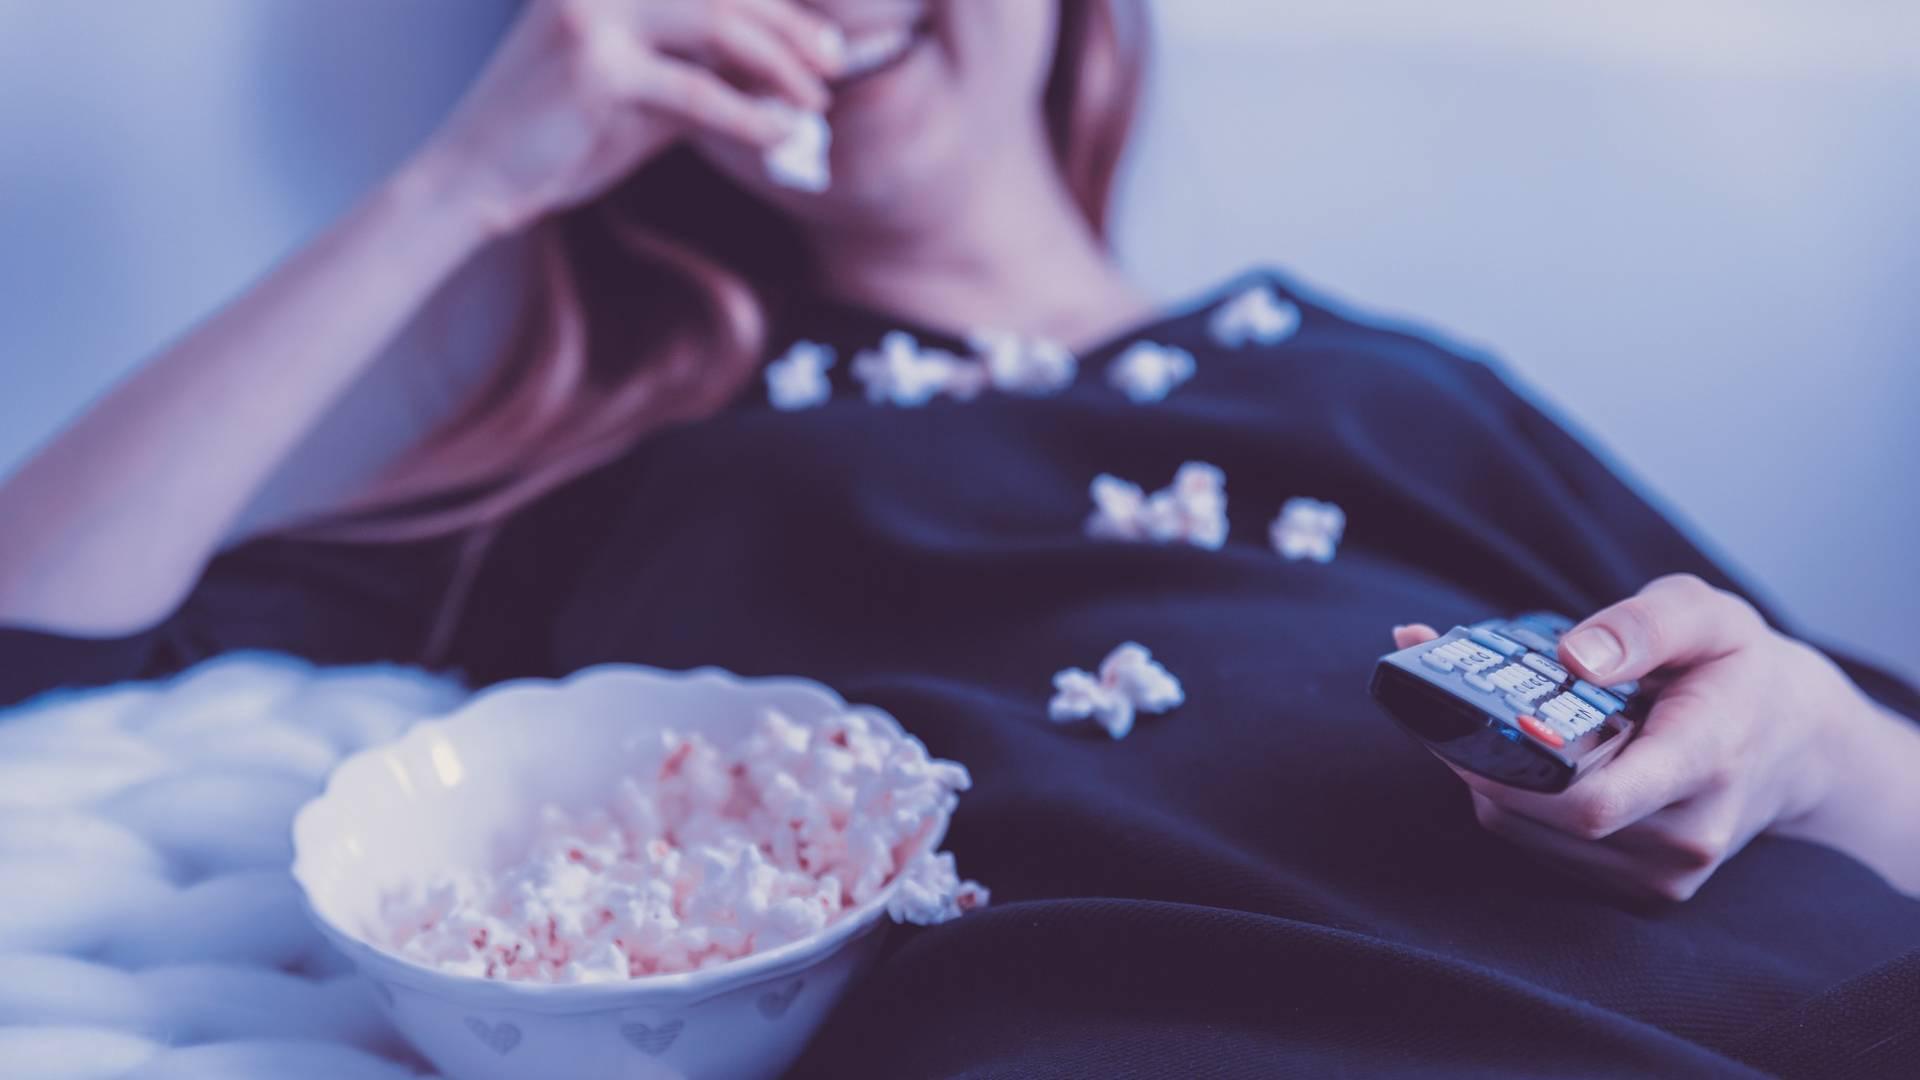 Ein Mehrstündiges Fernsehen erhöht das Risiko einer Schlafapnoe